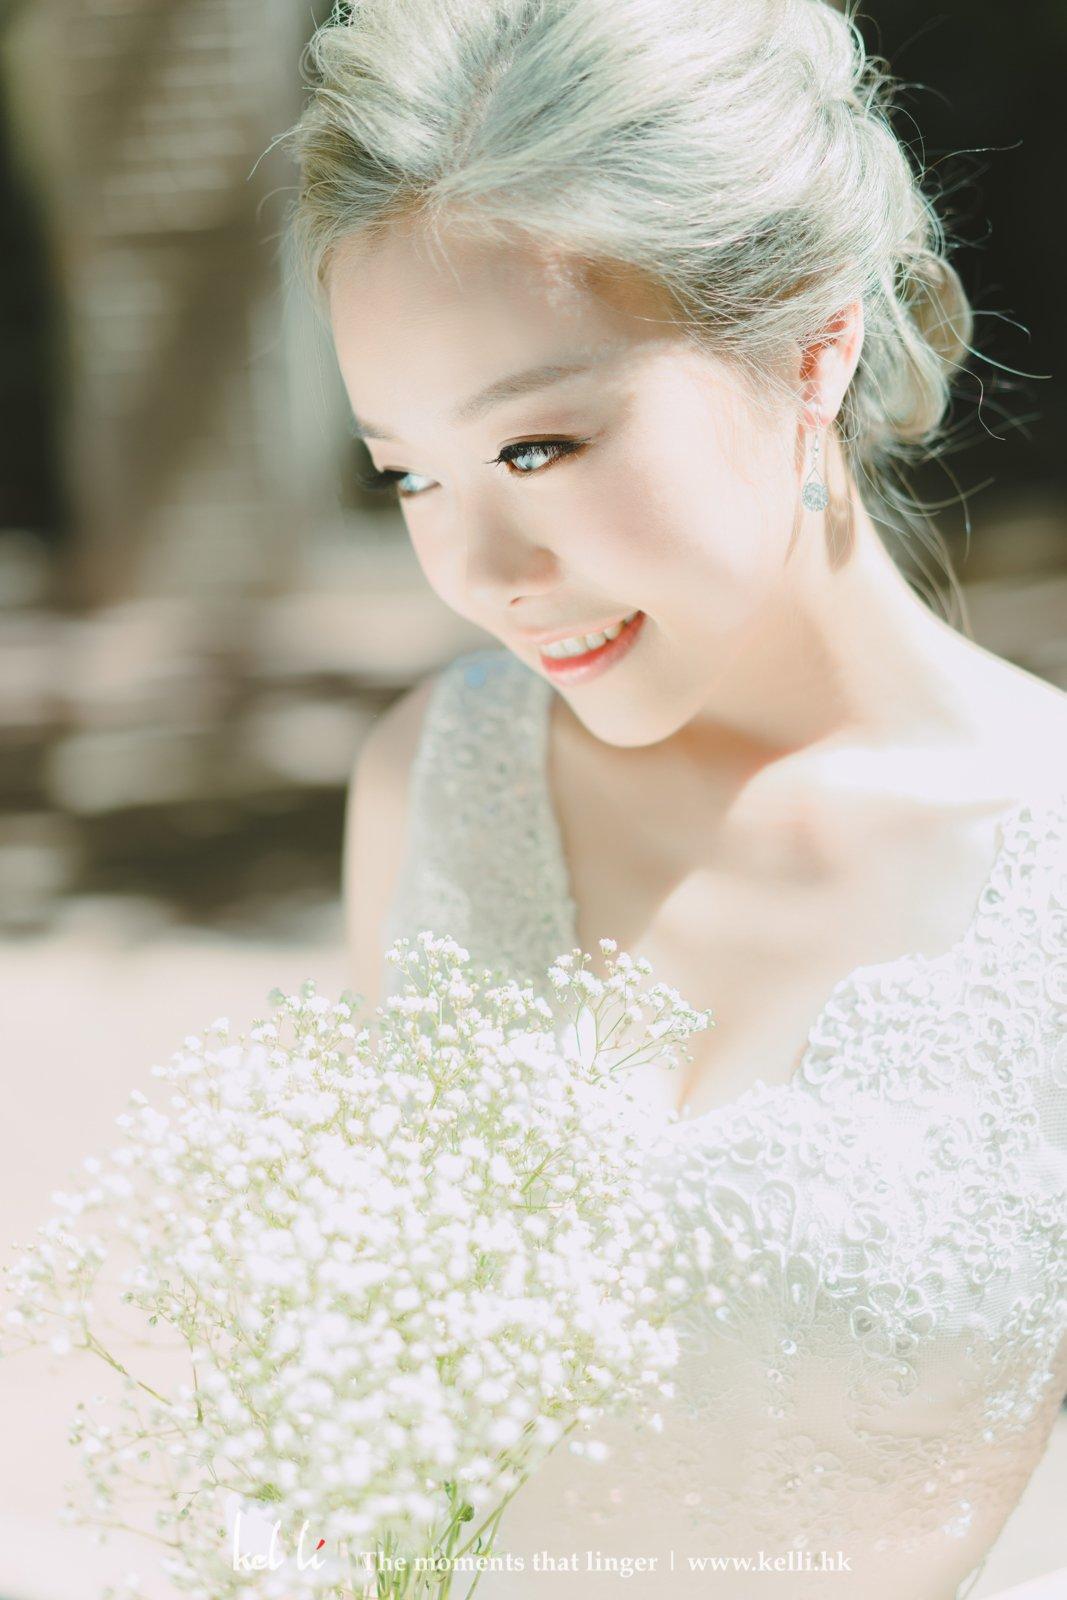 不管是海外婚紗照,美美的近照也是不可或缺的